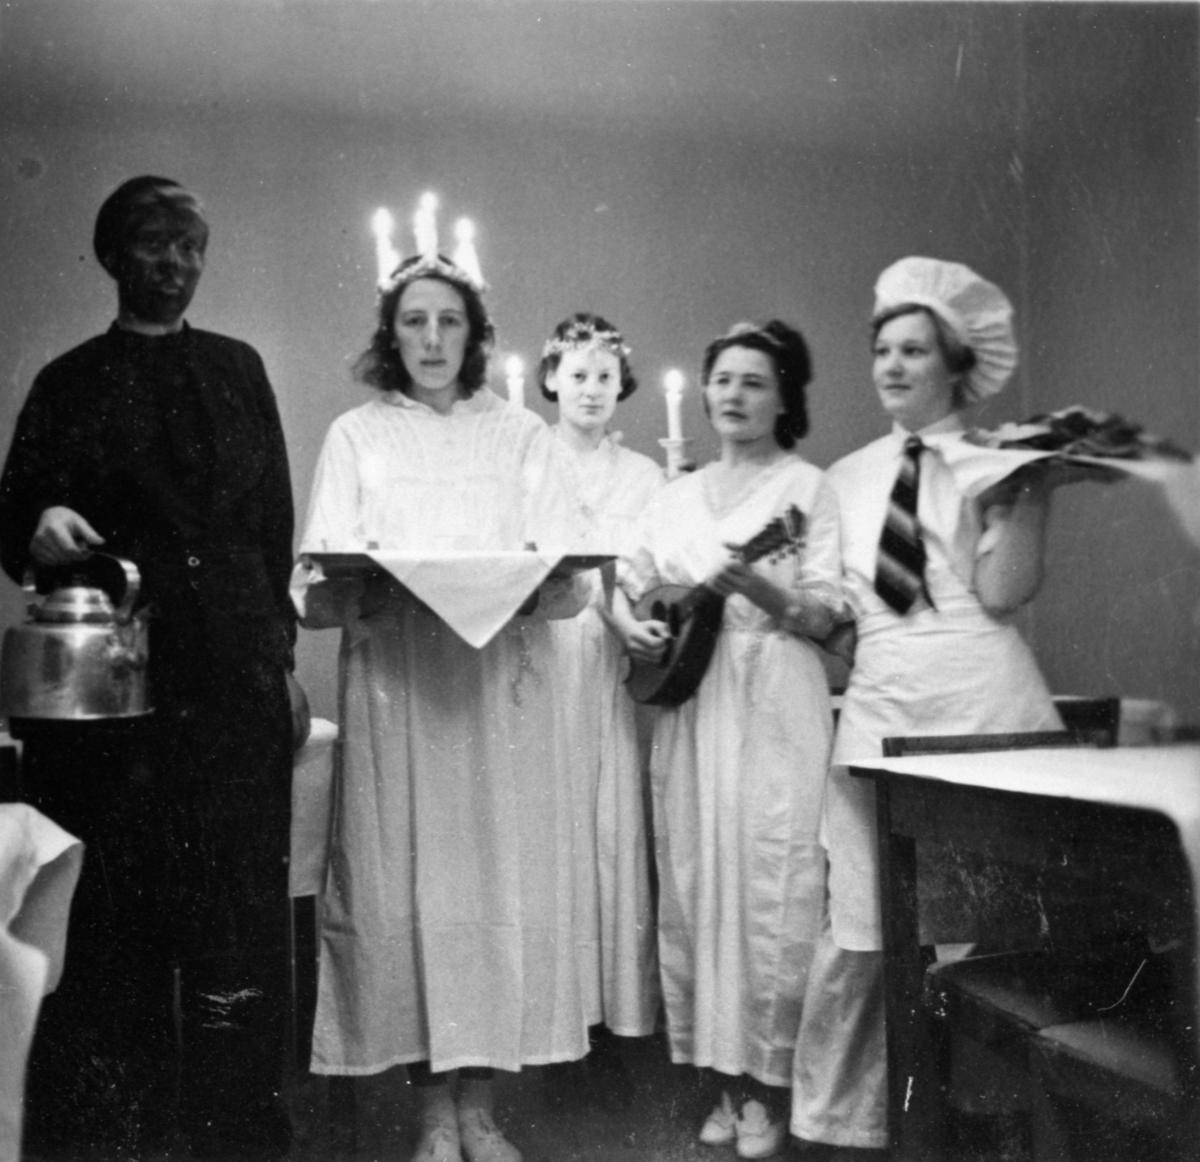 Andra person från höger är vårdarinnan Karin Hasselberg. Okänt årtal.